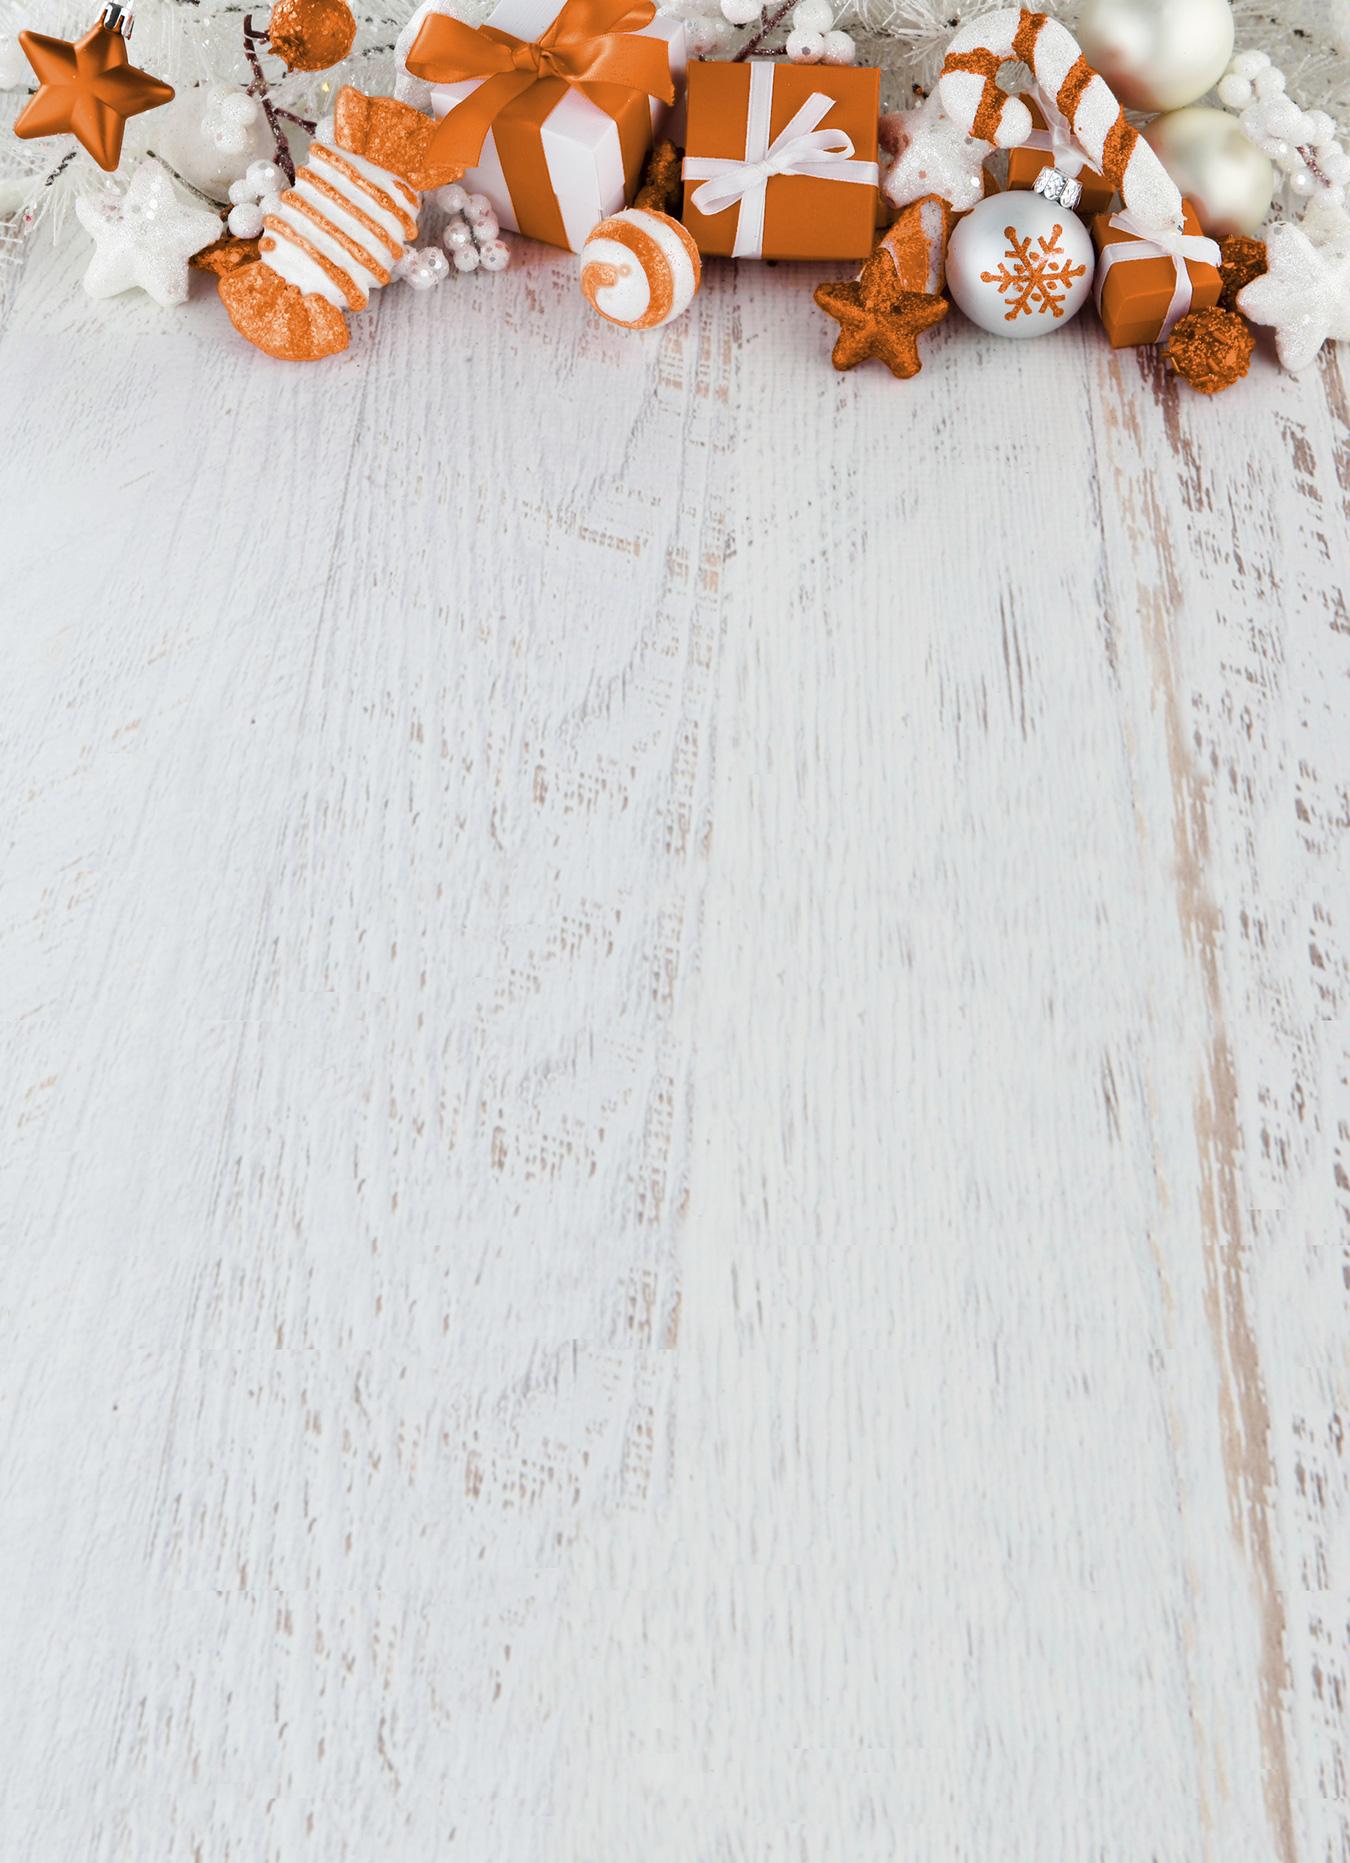 Geschenkefinder - Schnell und unkompliziert zum perfekten Weihnachtsgeschenk